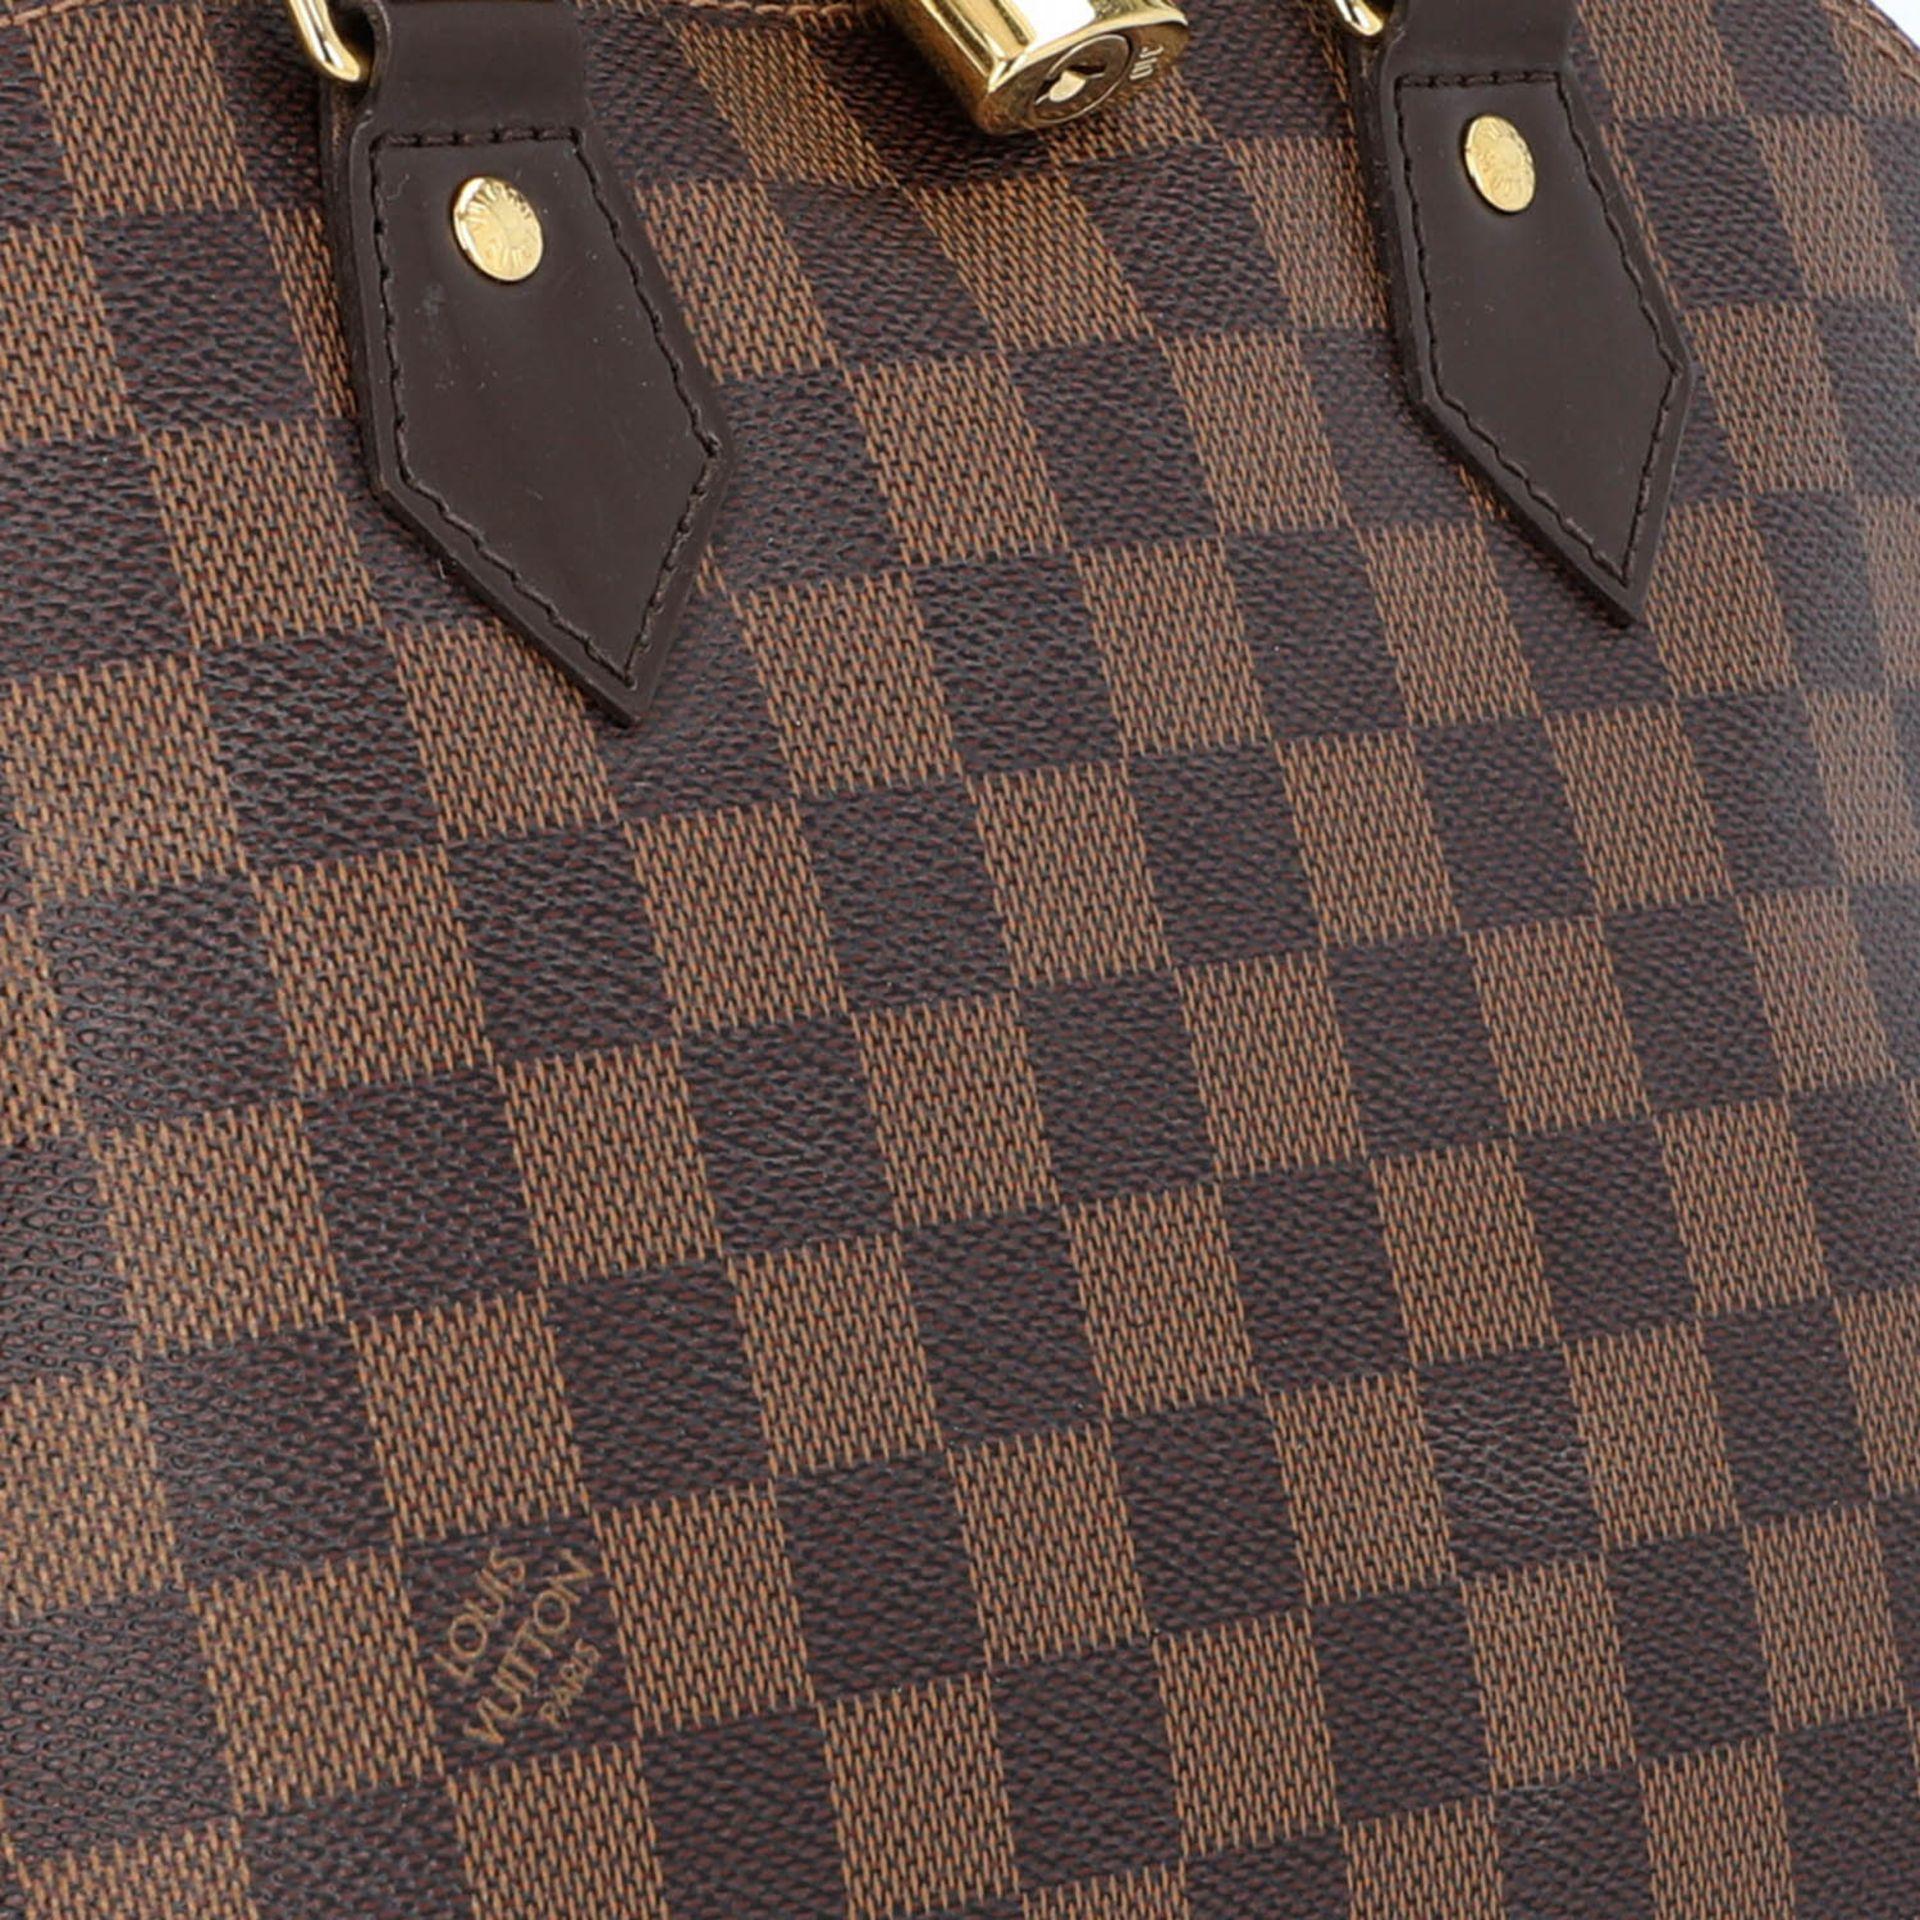 """LOUIS VUITTON Handtasche """"ALMA PM"""", Koll. 2010.Akt. NP.: 1.250,-€. Damier Ebene Serie mit - Bild 8 aus 8"""